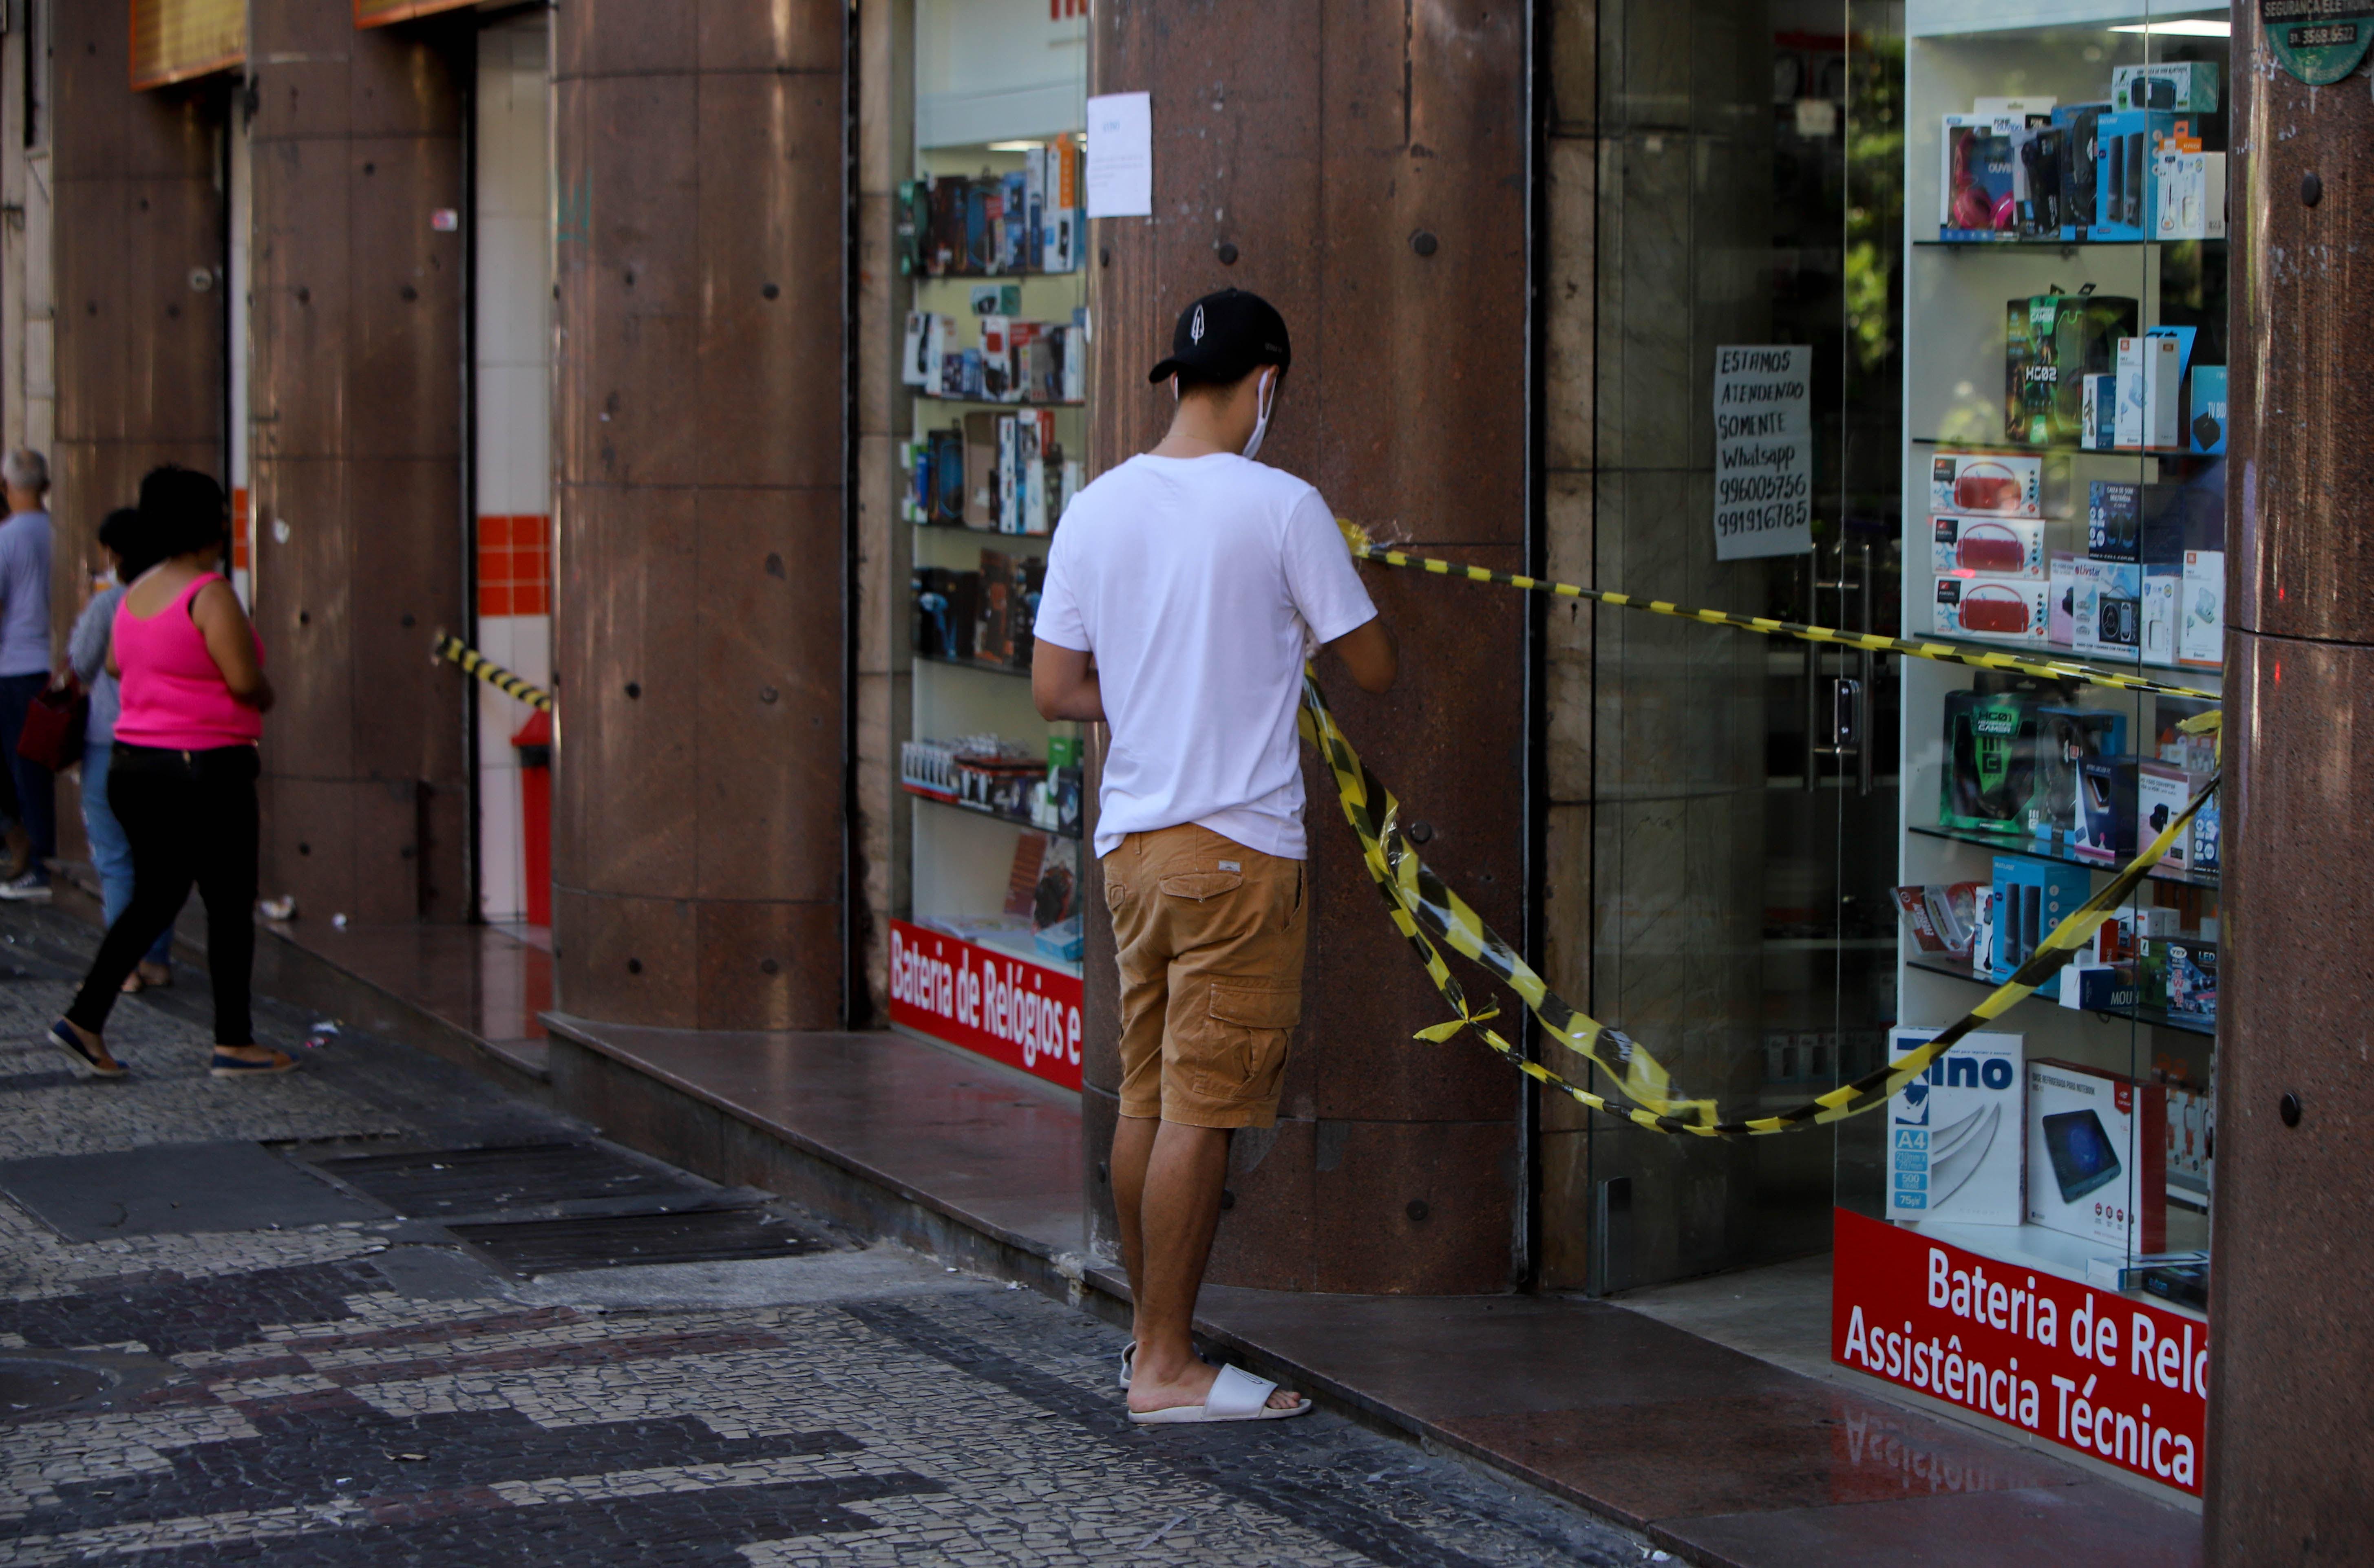 Belo Horizonte em meio à restrições por conta da pandemia